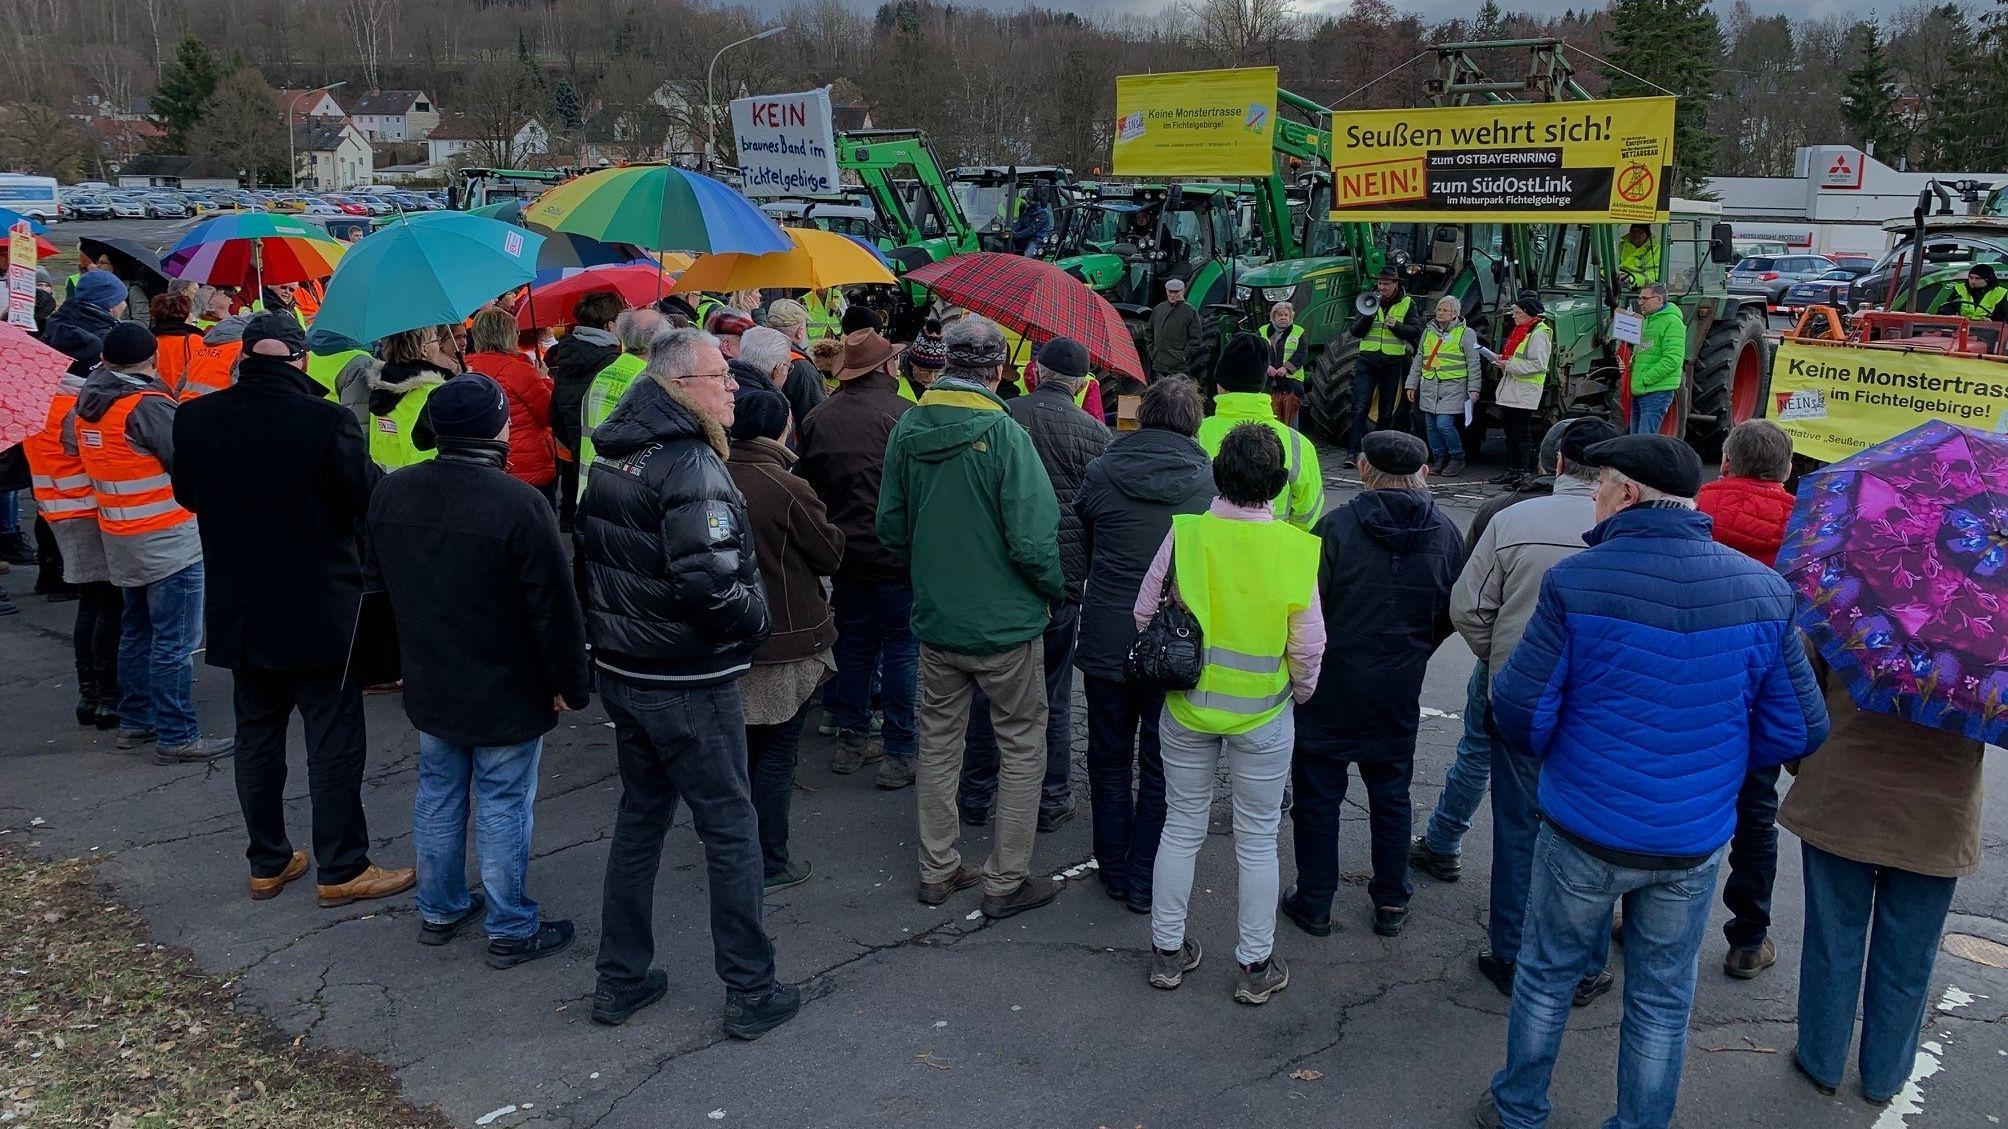 Eine Gruppe demonstrierender Menschen stehen vor Traktoren mit Bannern gegen den Südostlink.